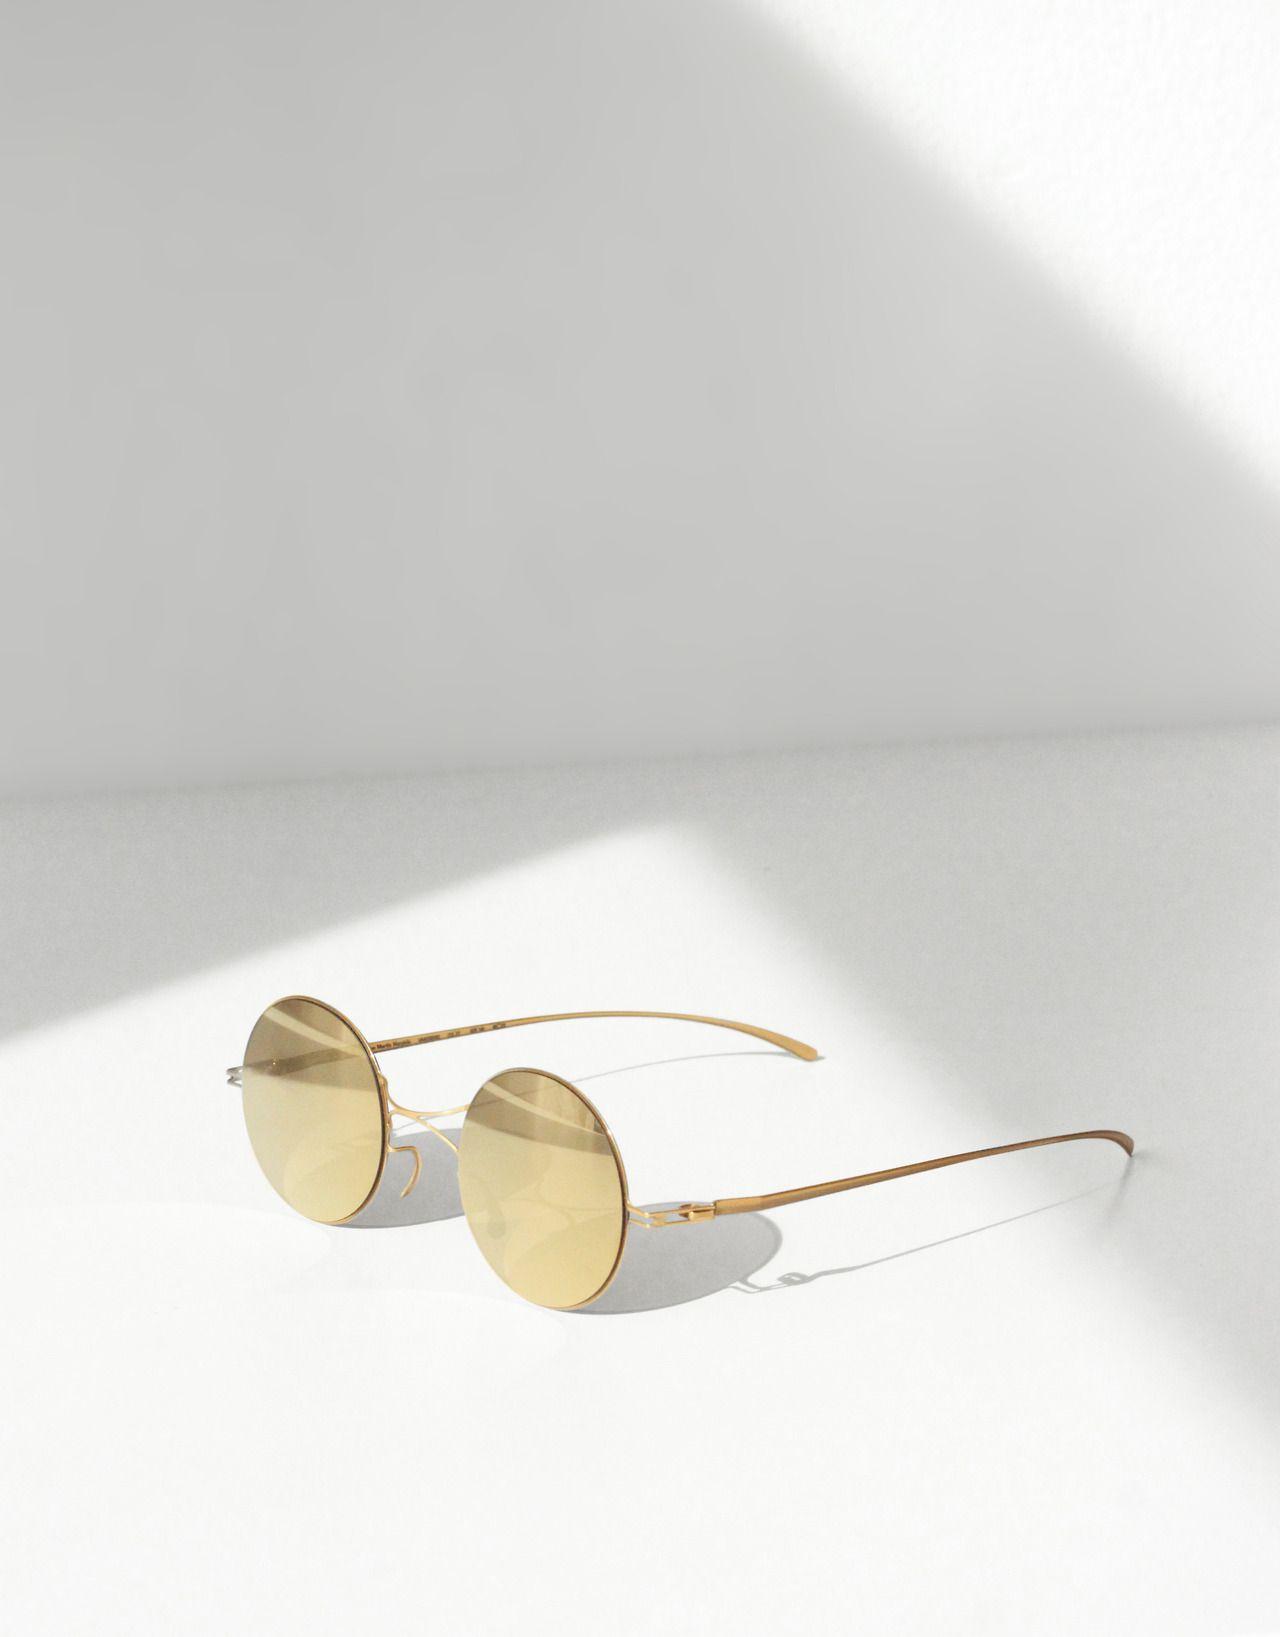 980e327ccb645 Mykita x Maison Martin Margiela glasses photography by Love Aesthetics